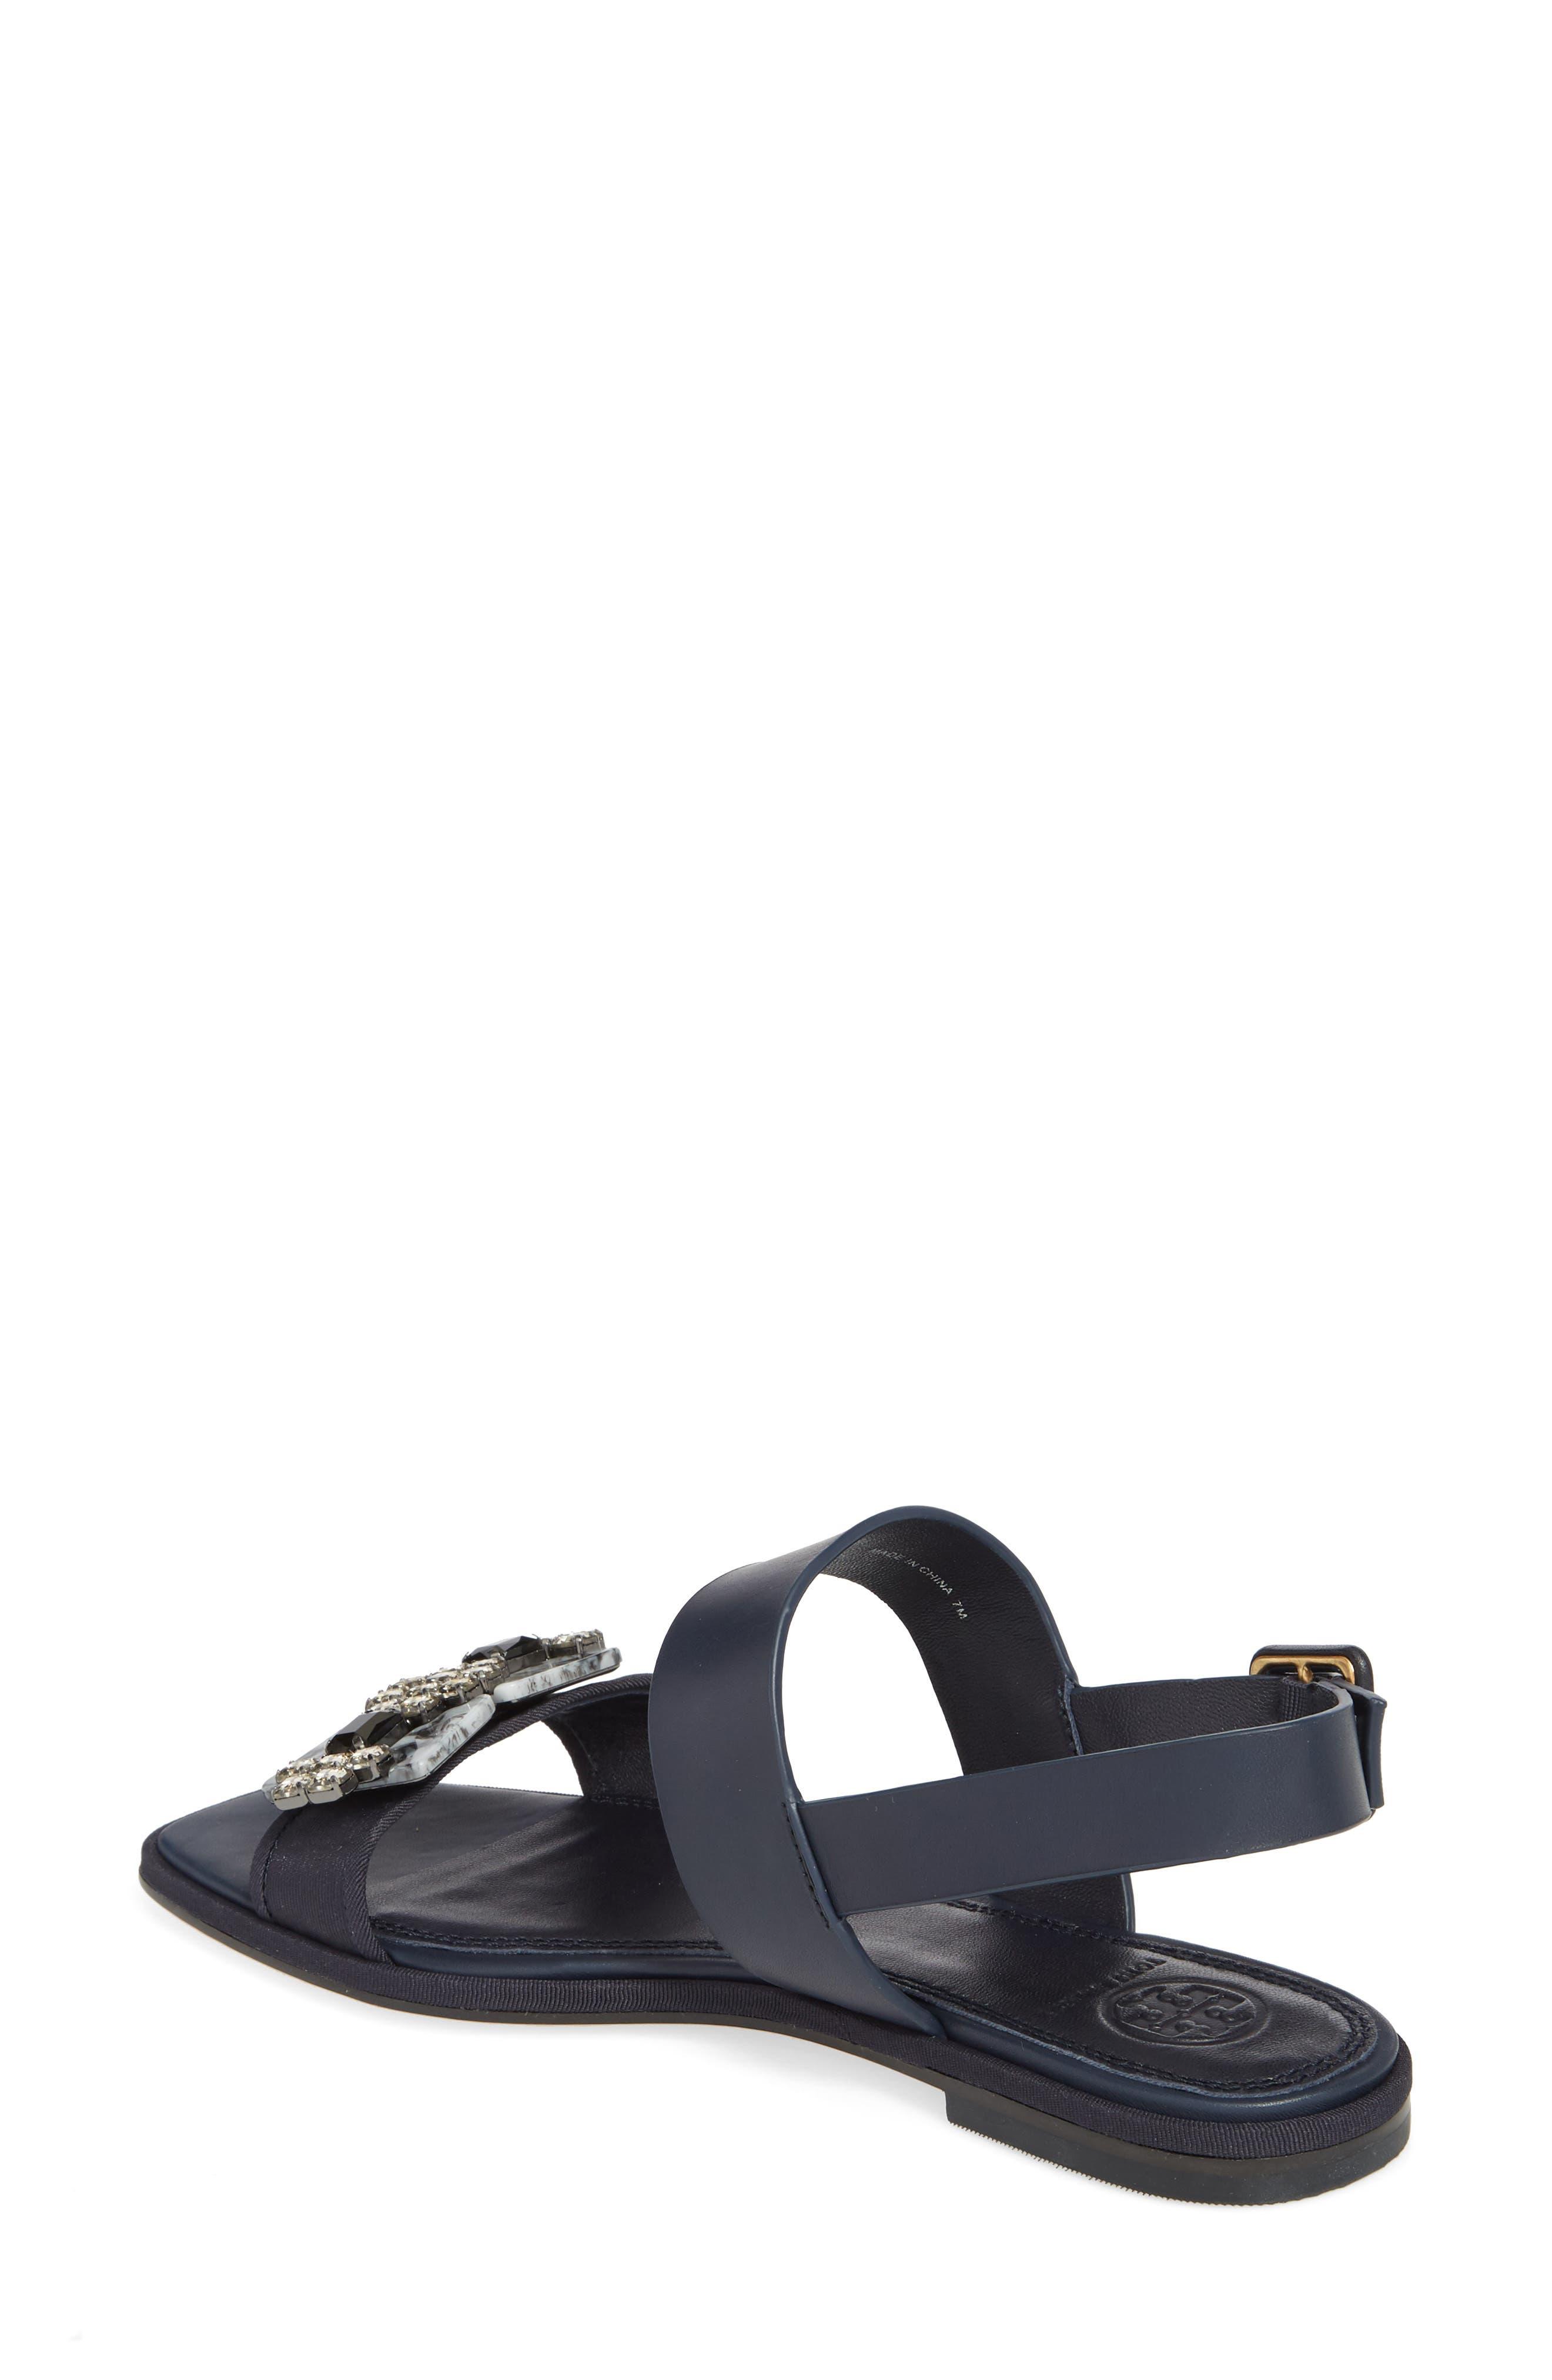 Delaney Embellished Double Strap Sandal,                             Alternate thumbnail 4, color,